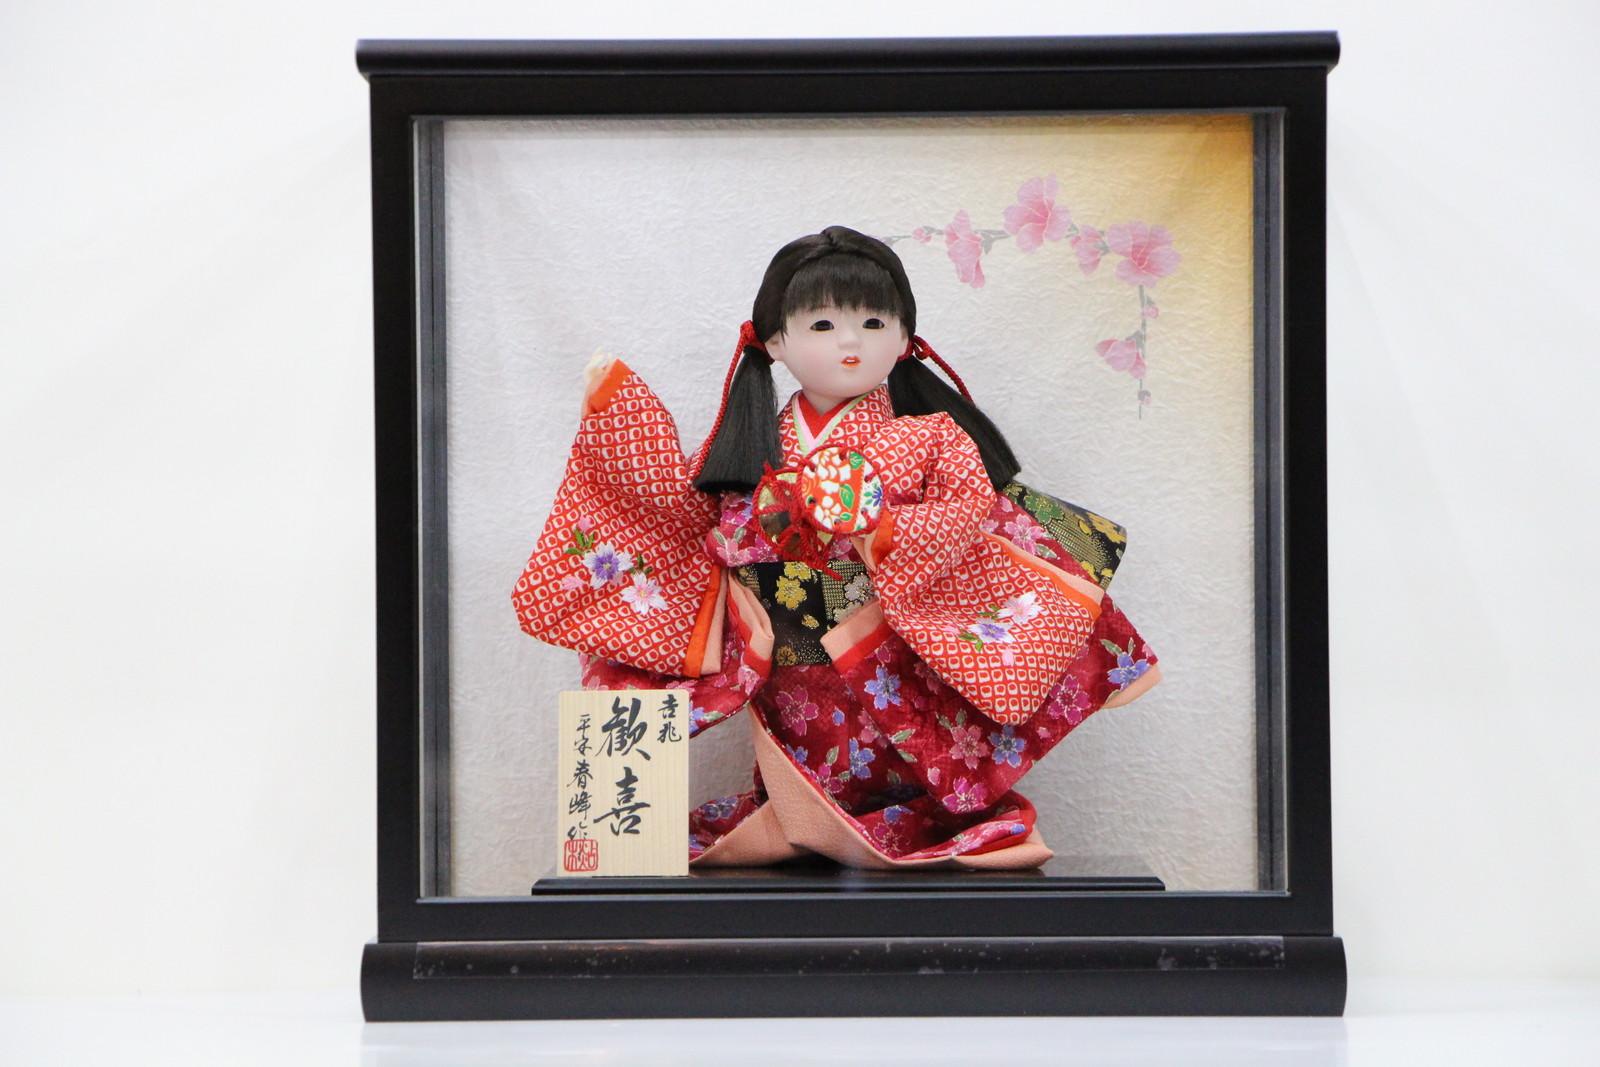 5号初音千草木製枠ガラスケース桜花びらバック飾り 【雛祭り】 【ひな人形】